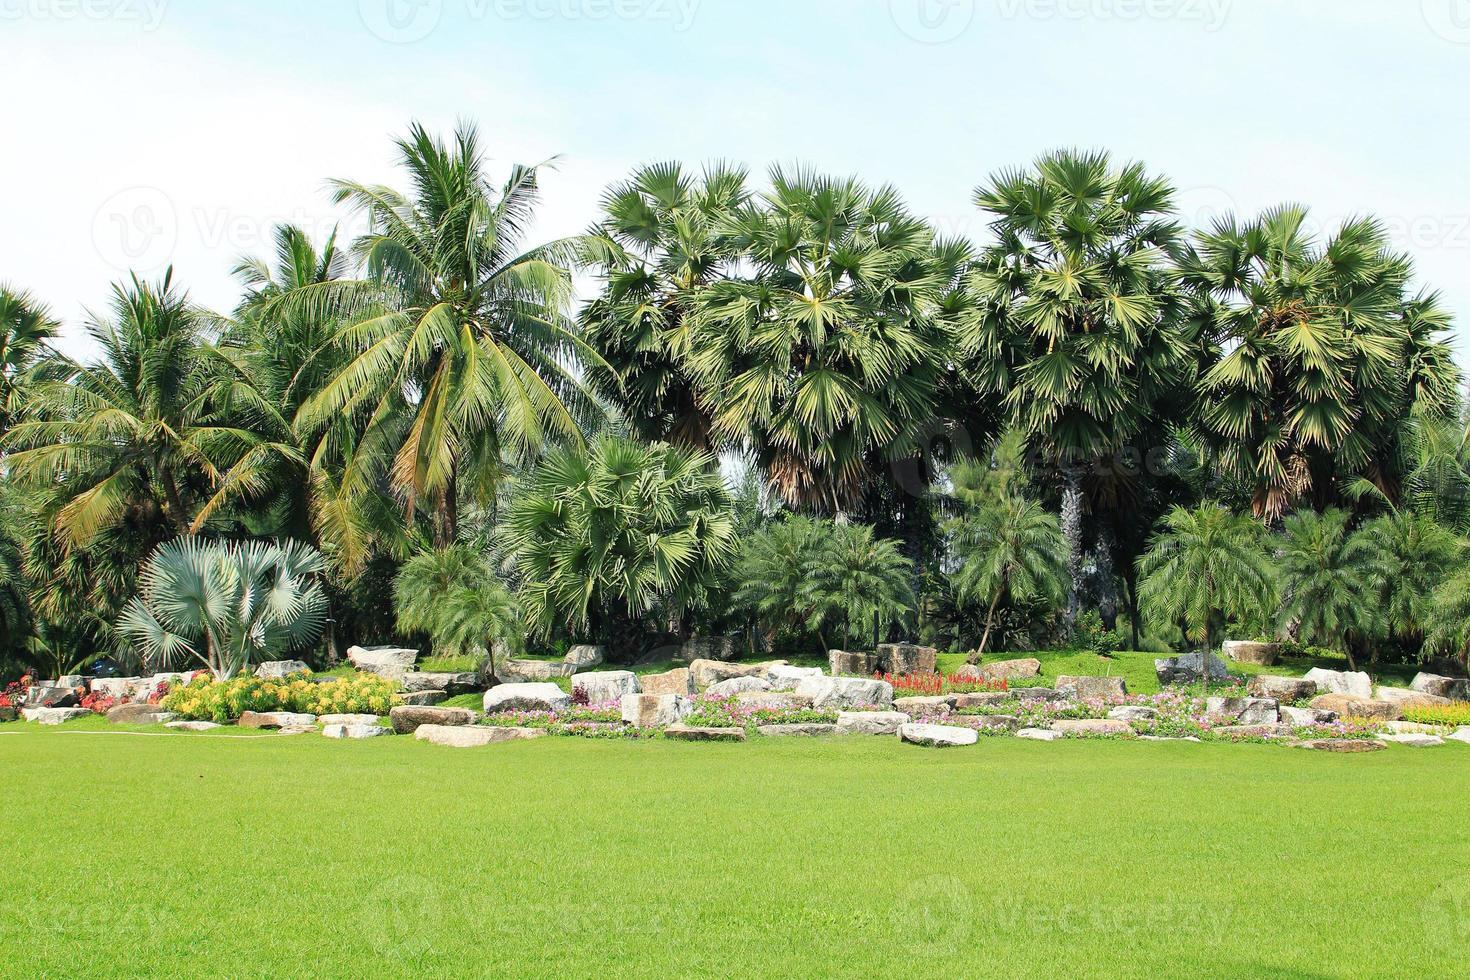 vista de palmeras foto